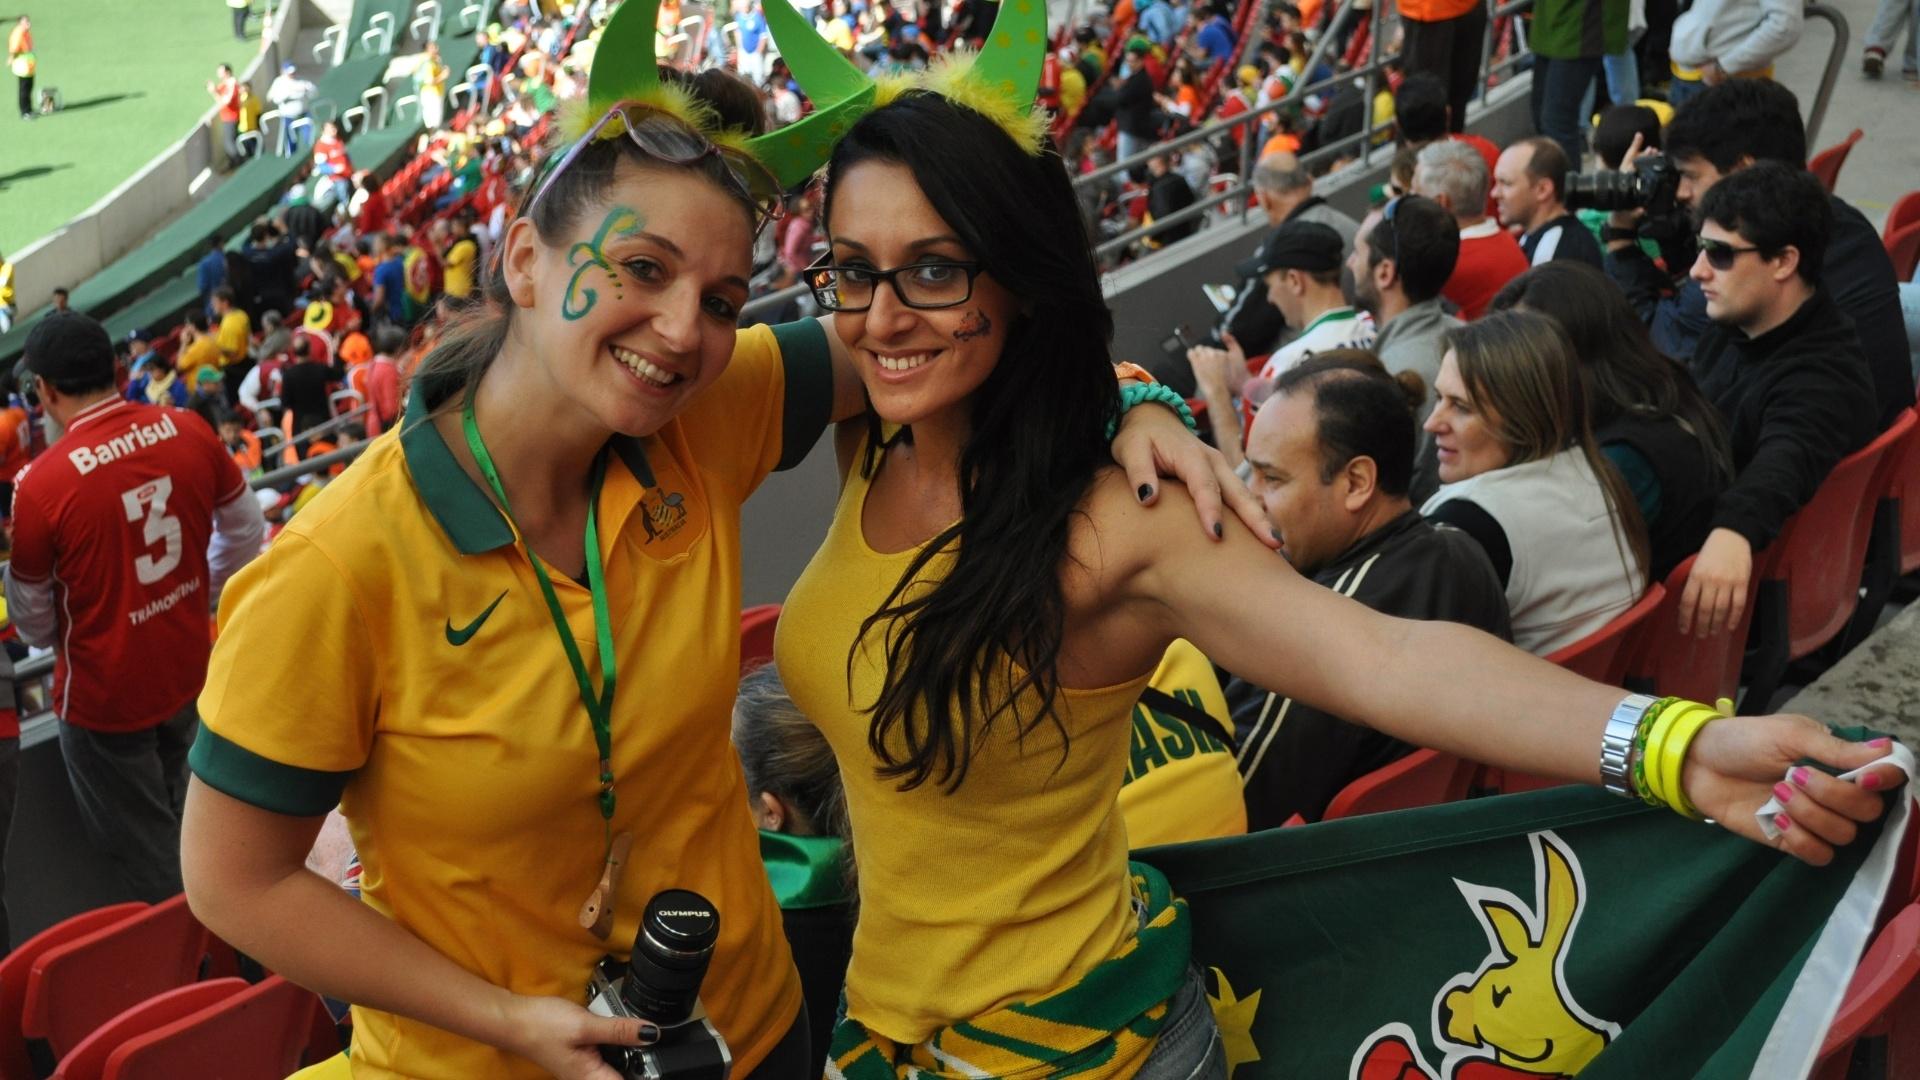 Torcedoras de verde e amarelo mostram apoio pela Austrália contra a Holanda